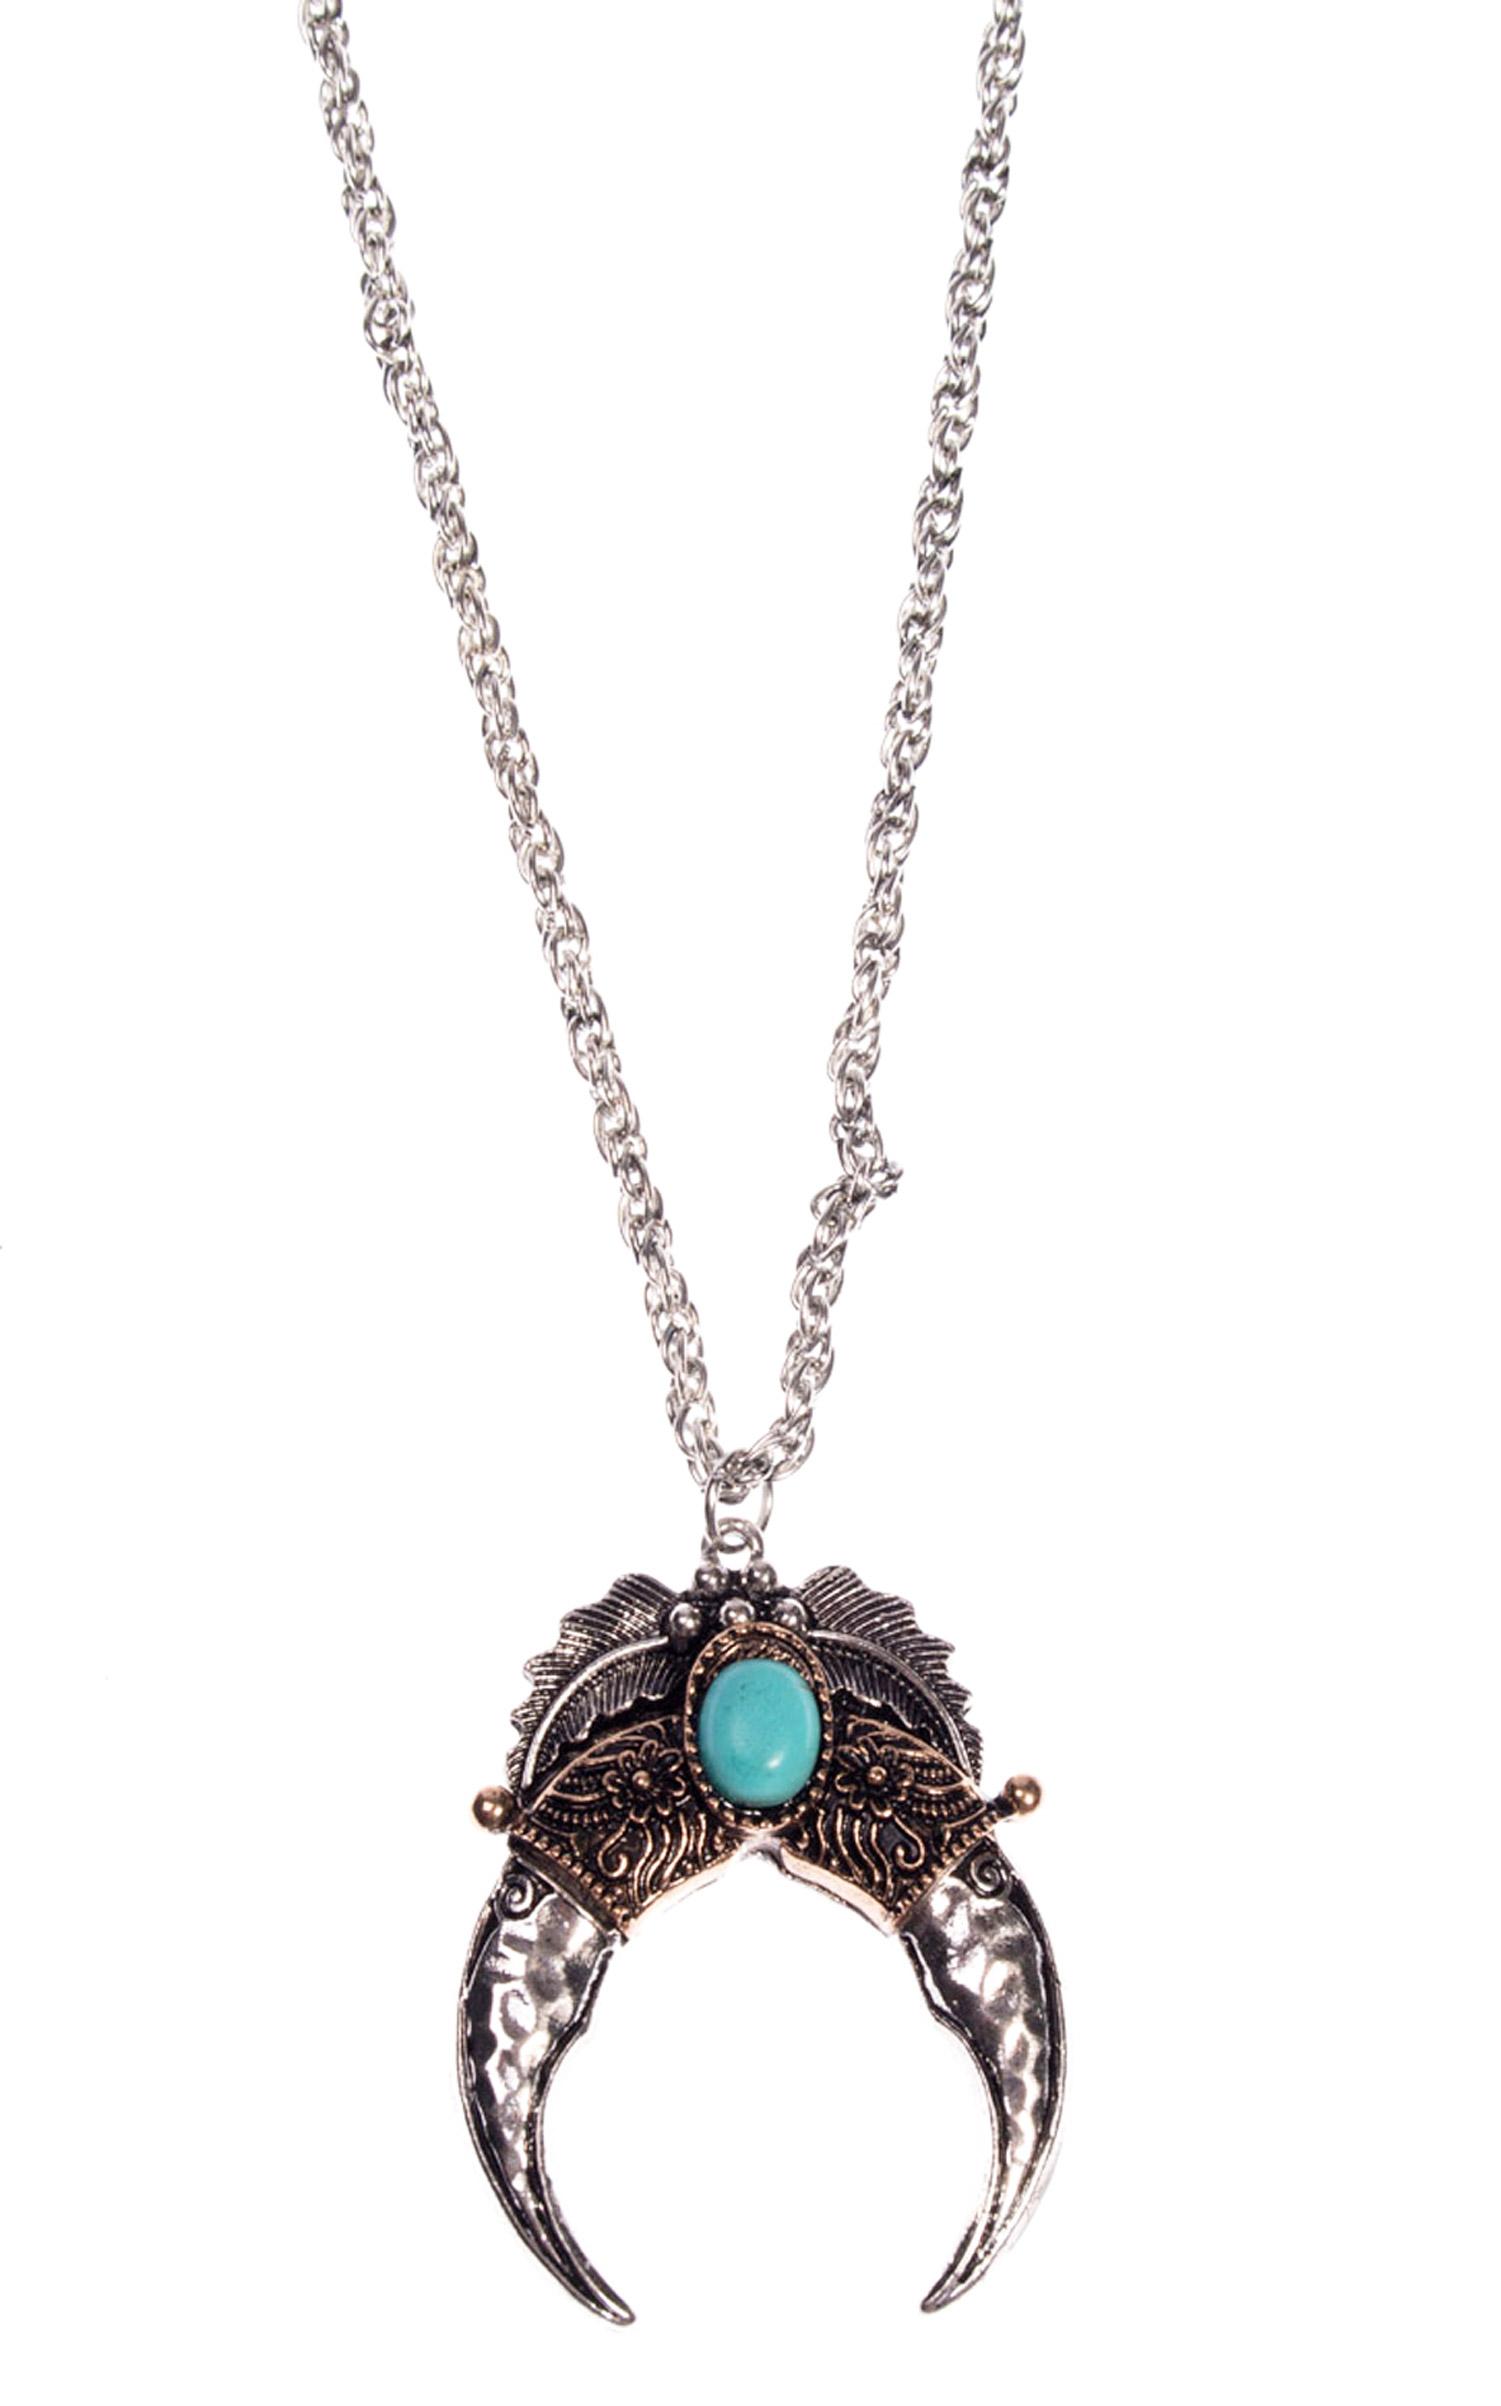 a856f06df053f Collier argenté avec croissant de lune et pierre bleue, vintage ...